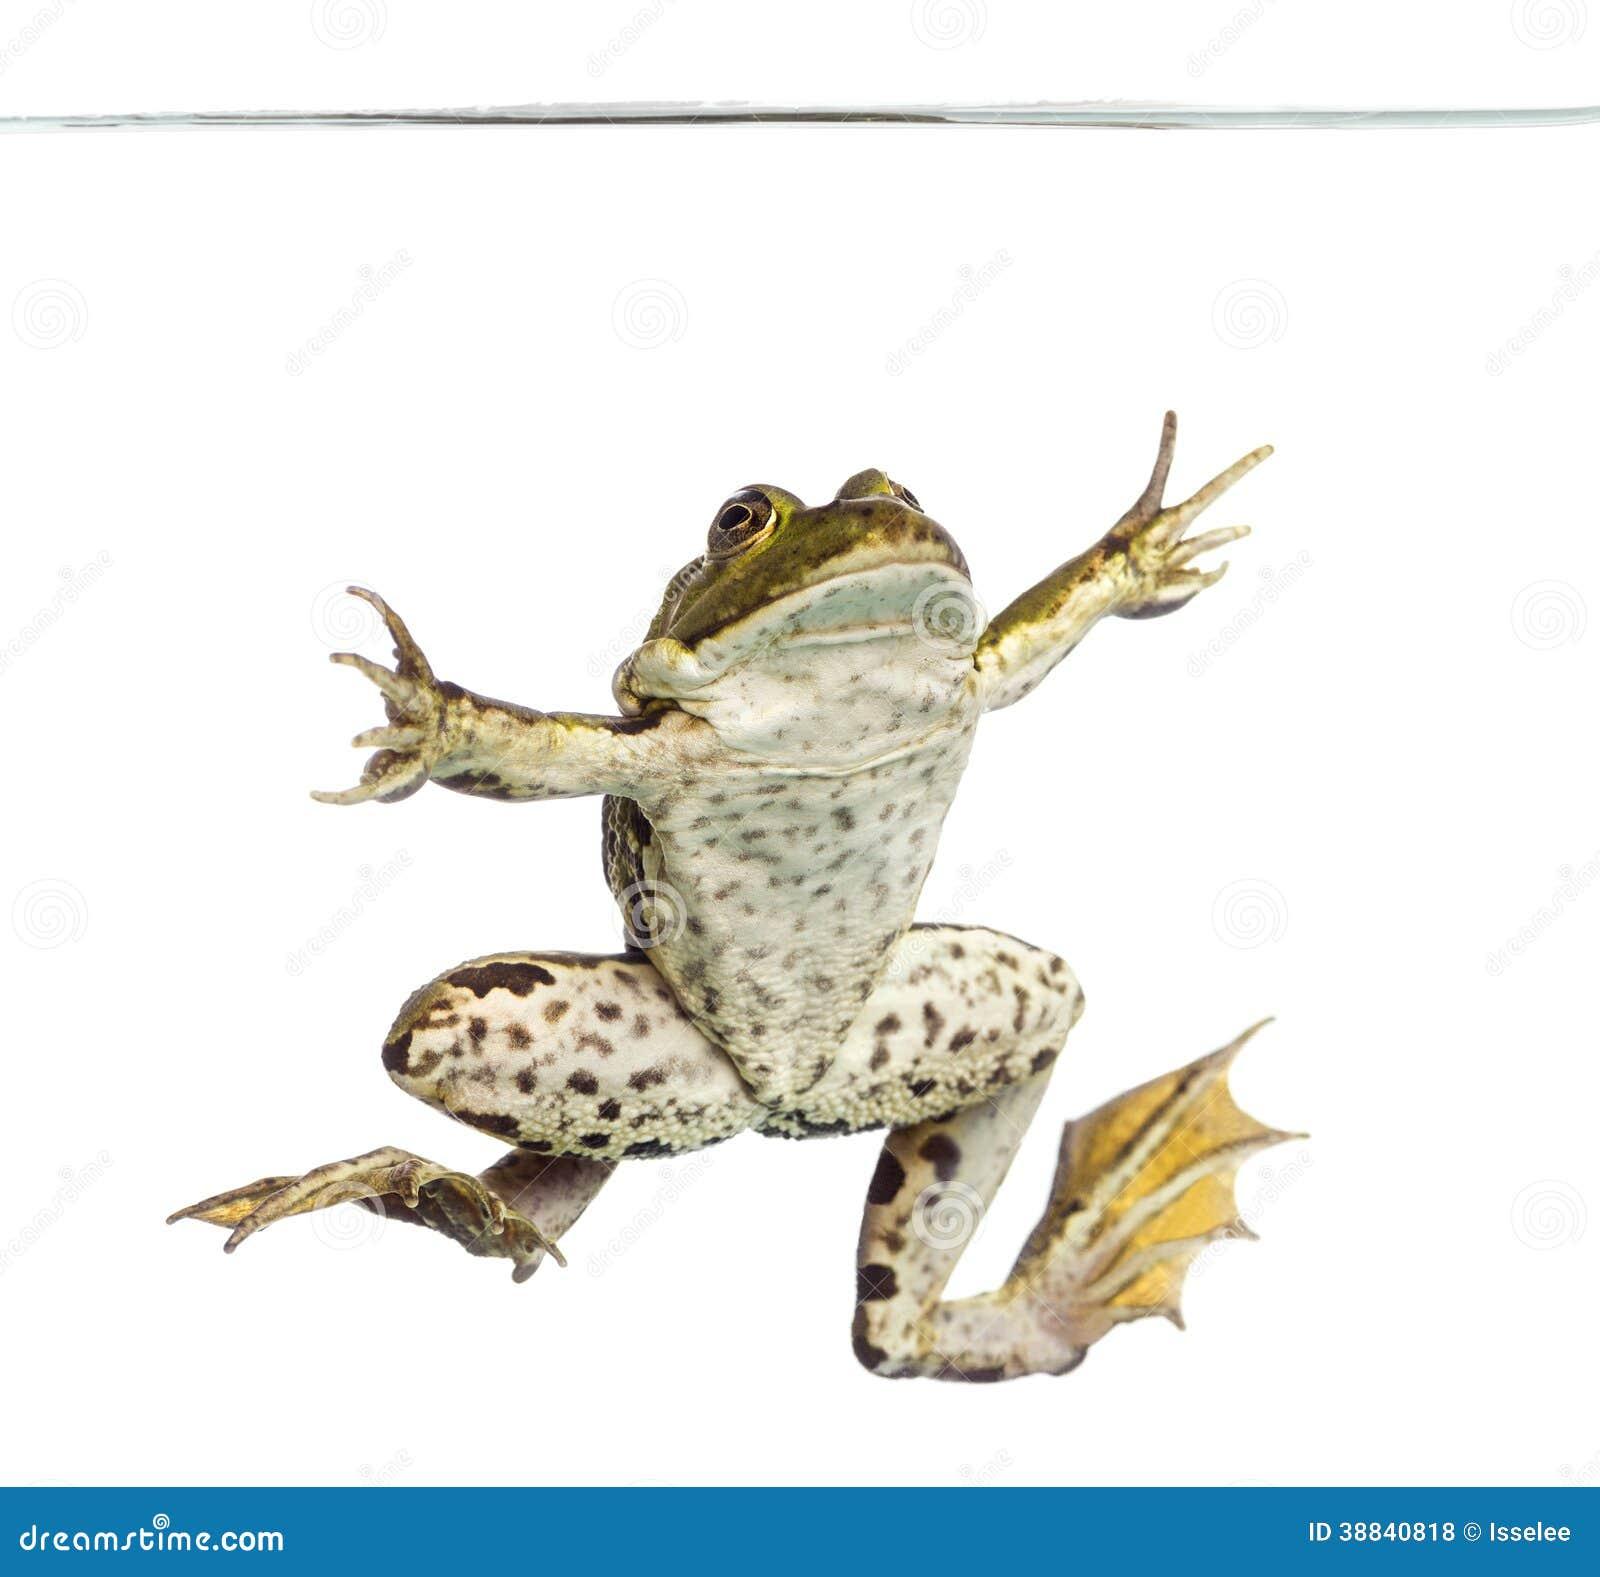 从游泳,在吃水线下, pelophylax下面被观看的可食的青蛙kl.图片